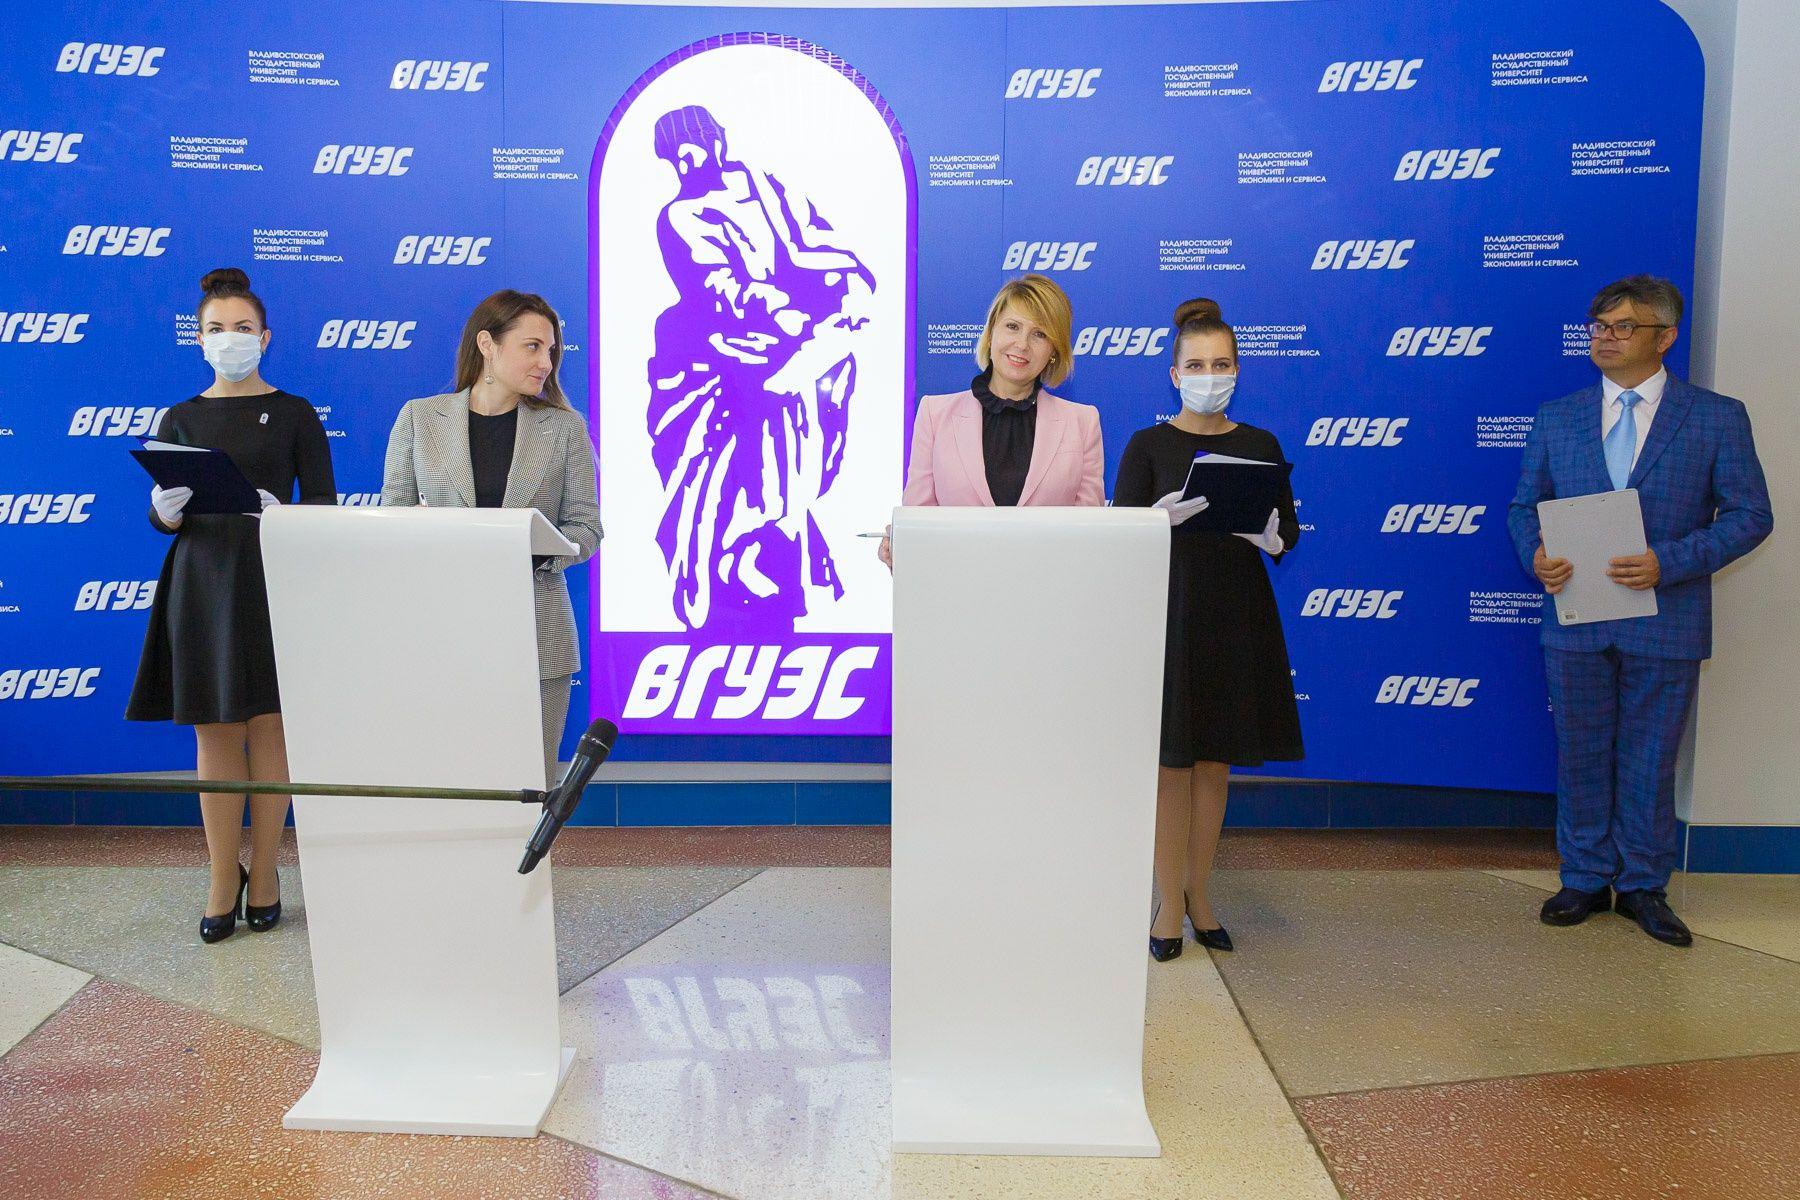 Ректор ВГУЭС Татьяна Терентьева: «Моя страна – моя Россия» открывает новые перспективы для университета